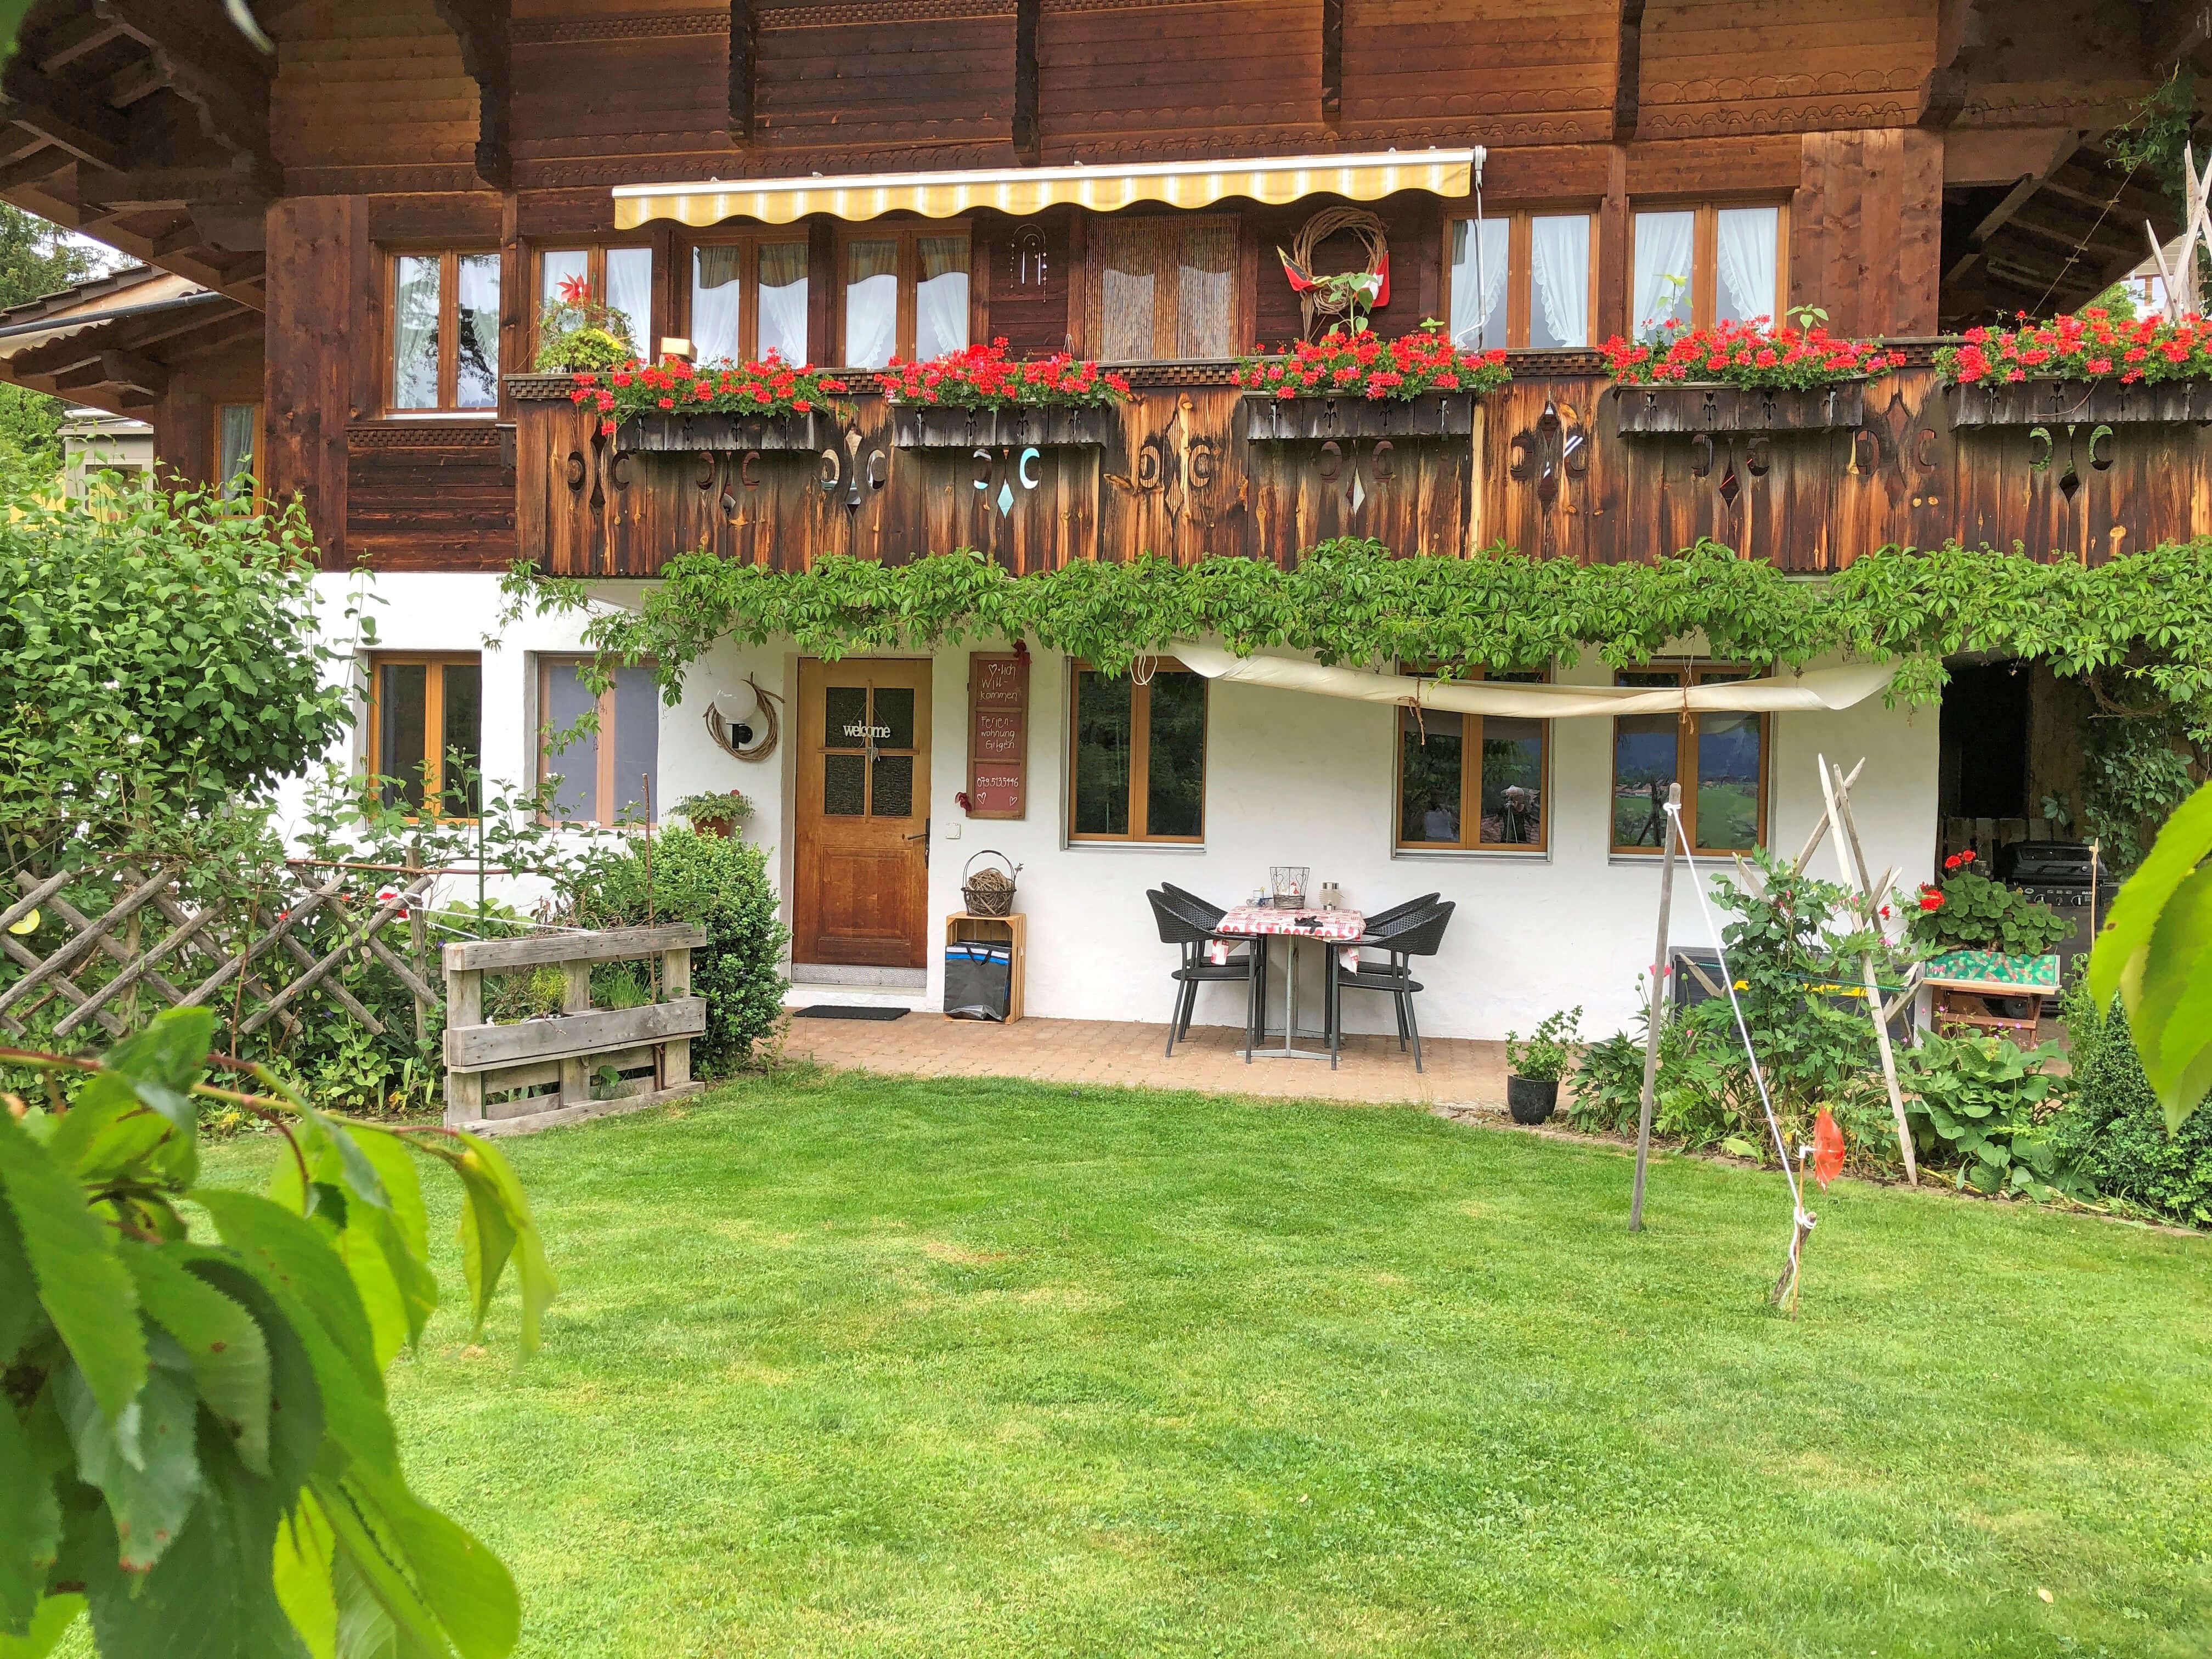 Gartensitzplatz mit Rasen